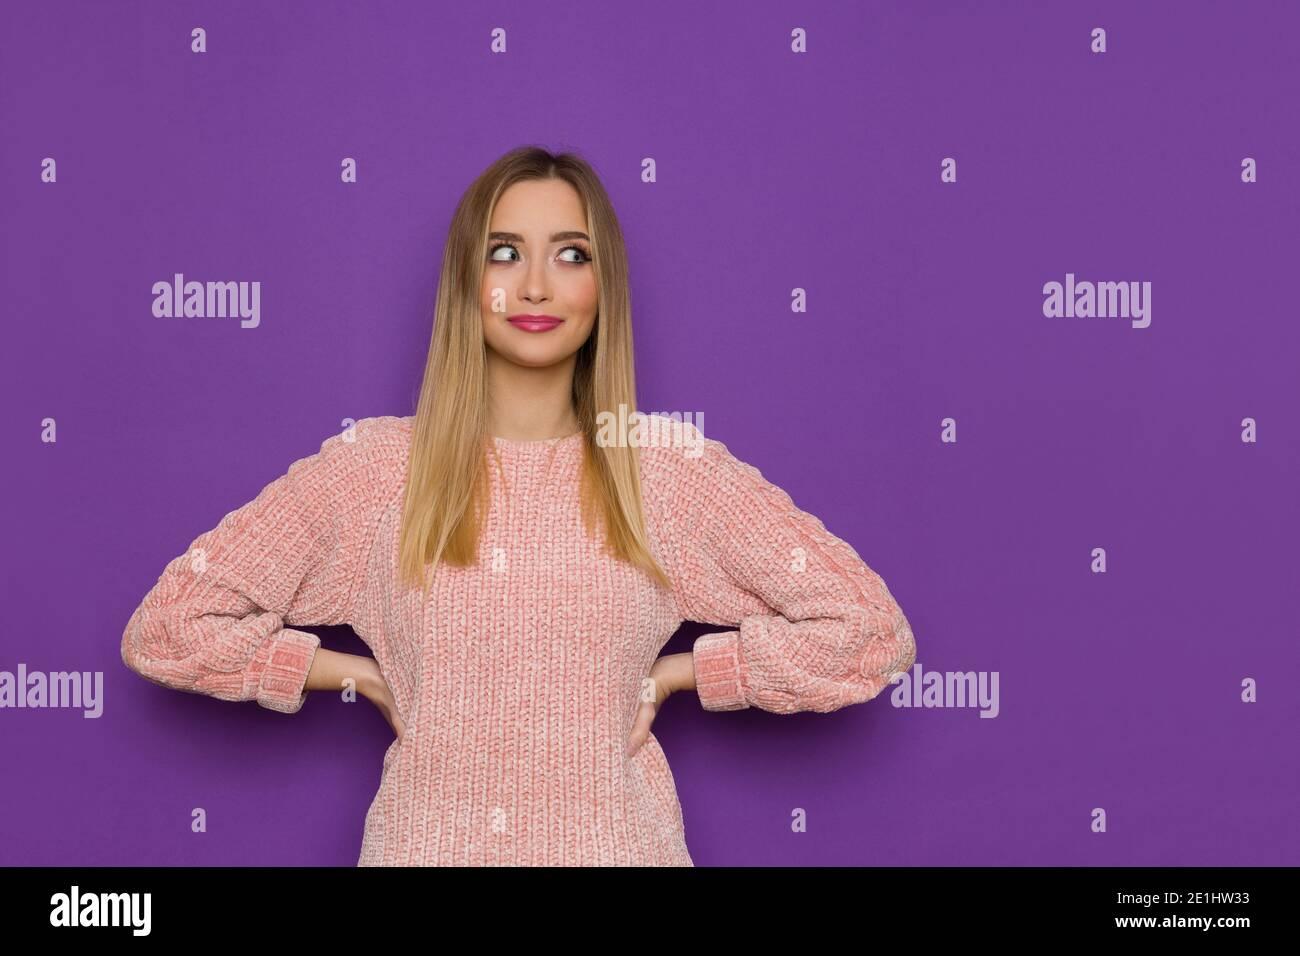 Mujer joven linda en suéter rosa está posando con las manos en la cadera y mirando al lado. Estudio de cintura arriba sobre fondo púrpura. Foto de stock